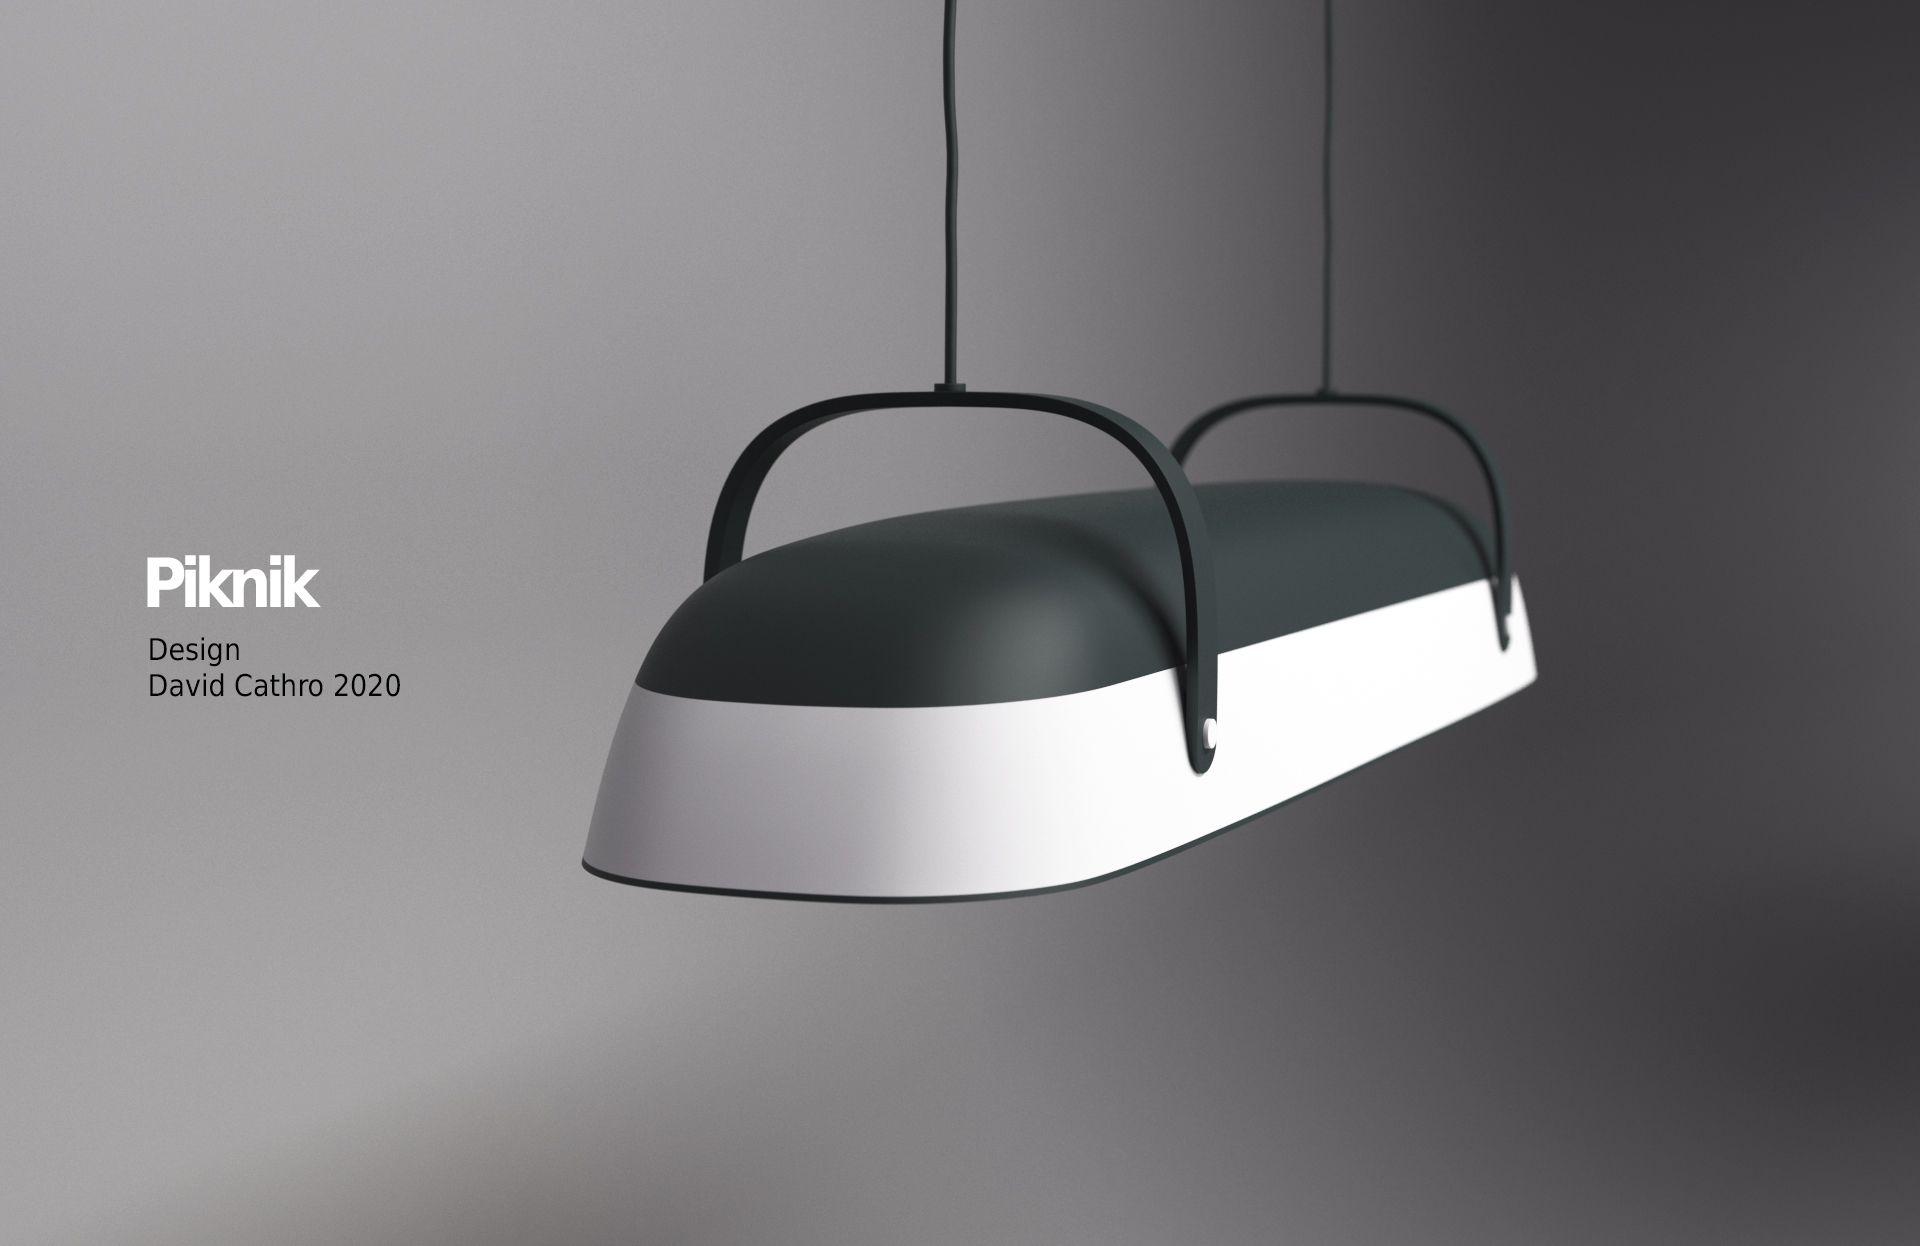 Piknik Lamp